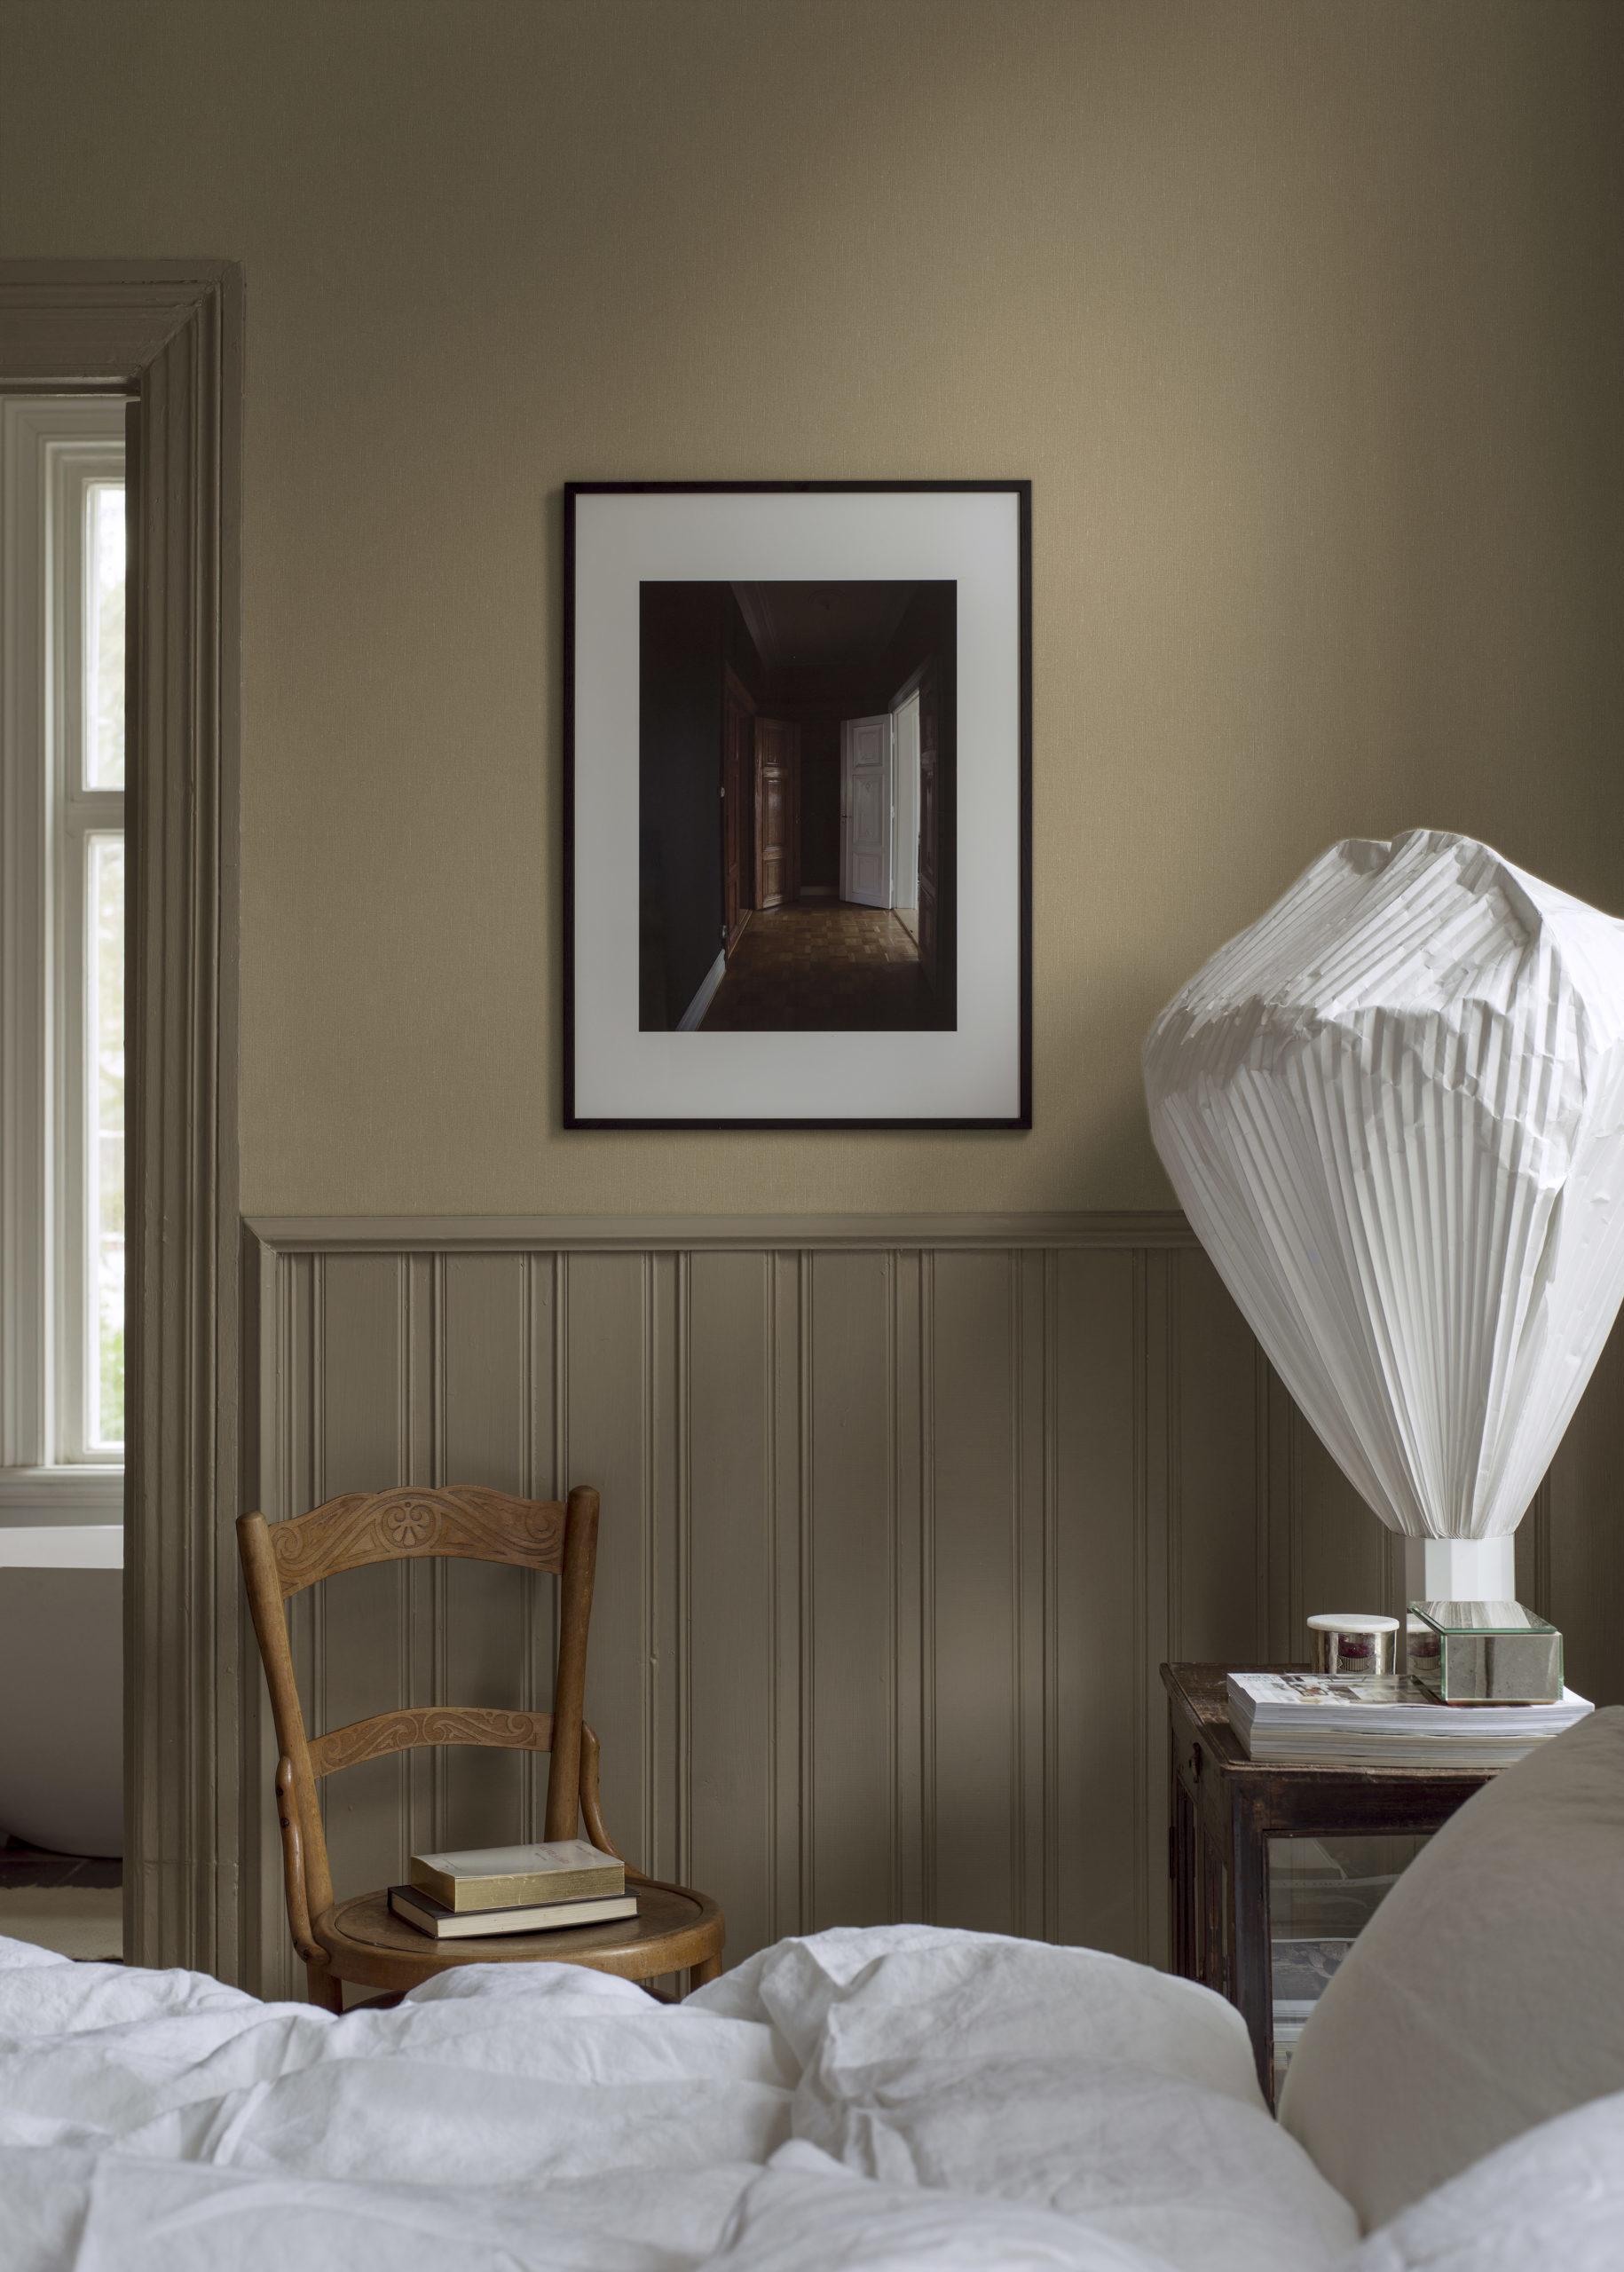 GoldenLinen_Image_Bedroom_Item_4407_007_PR